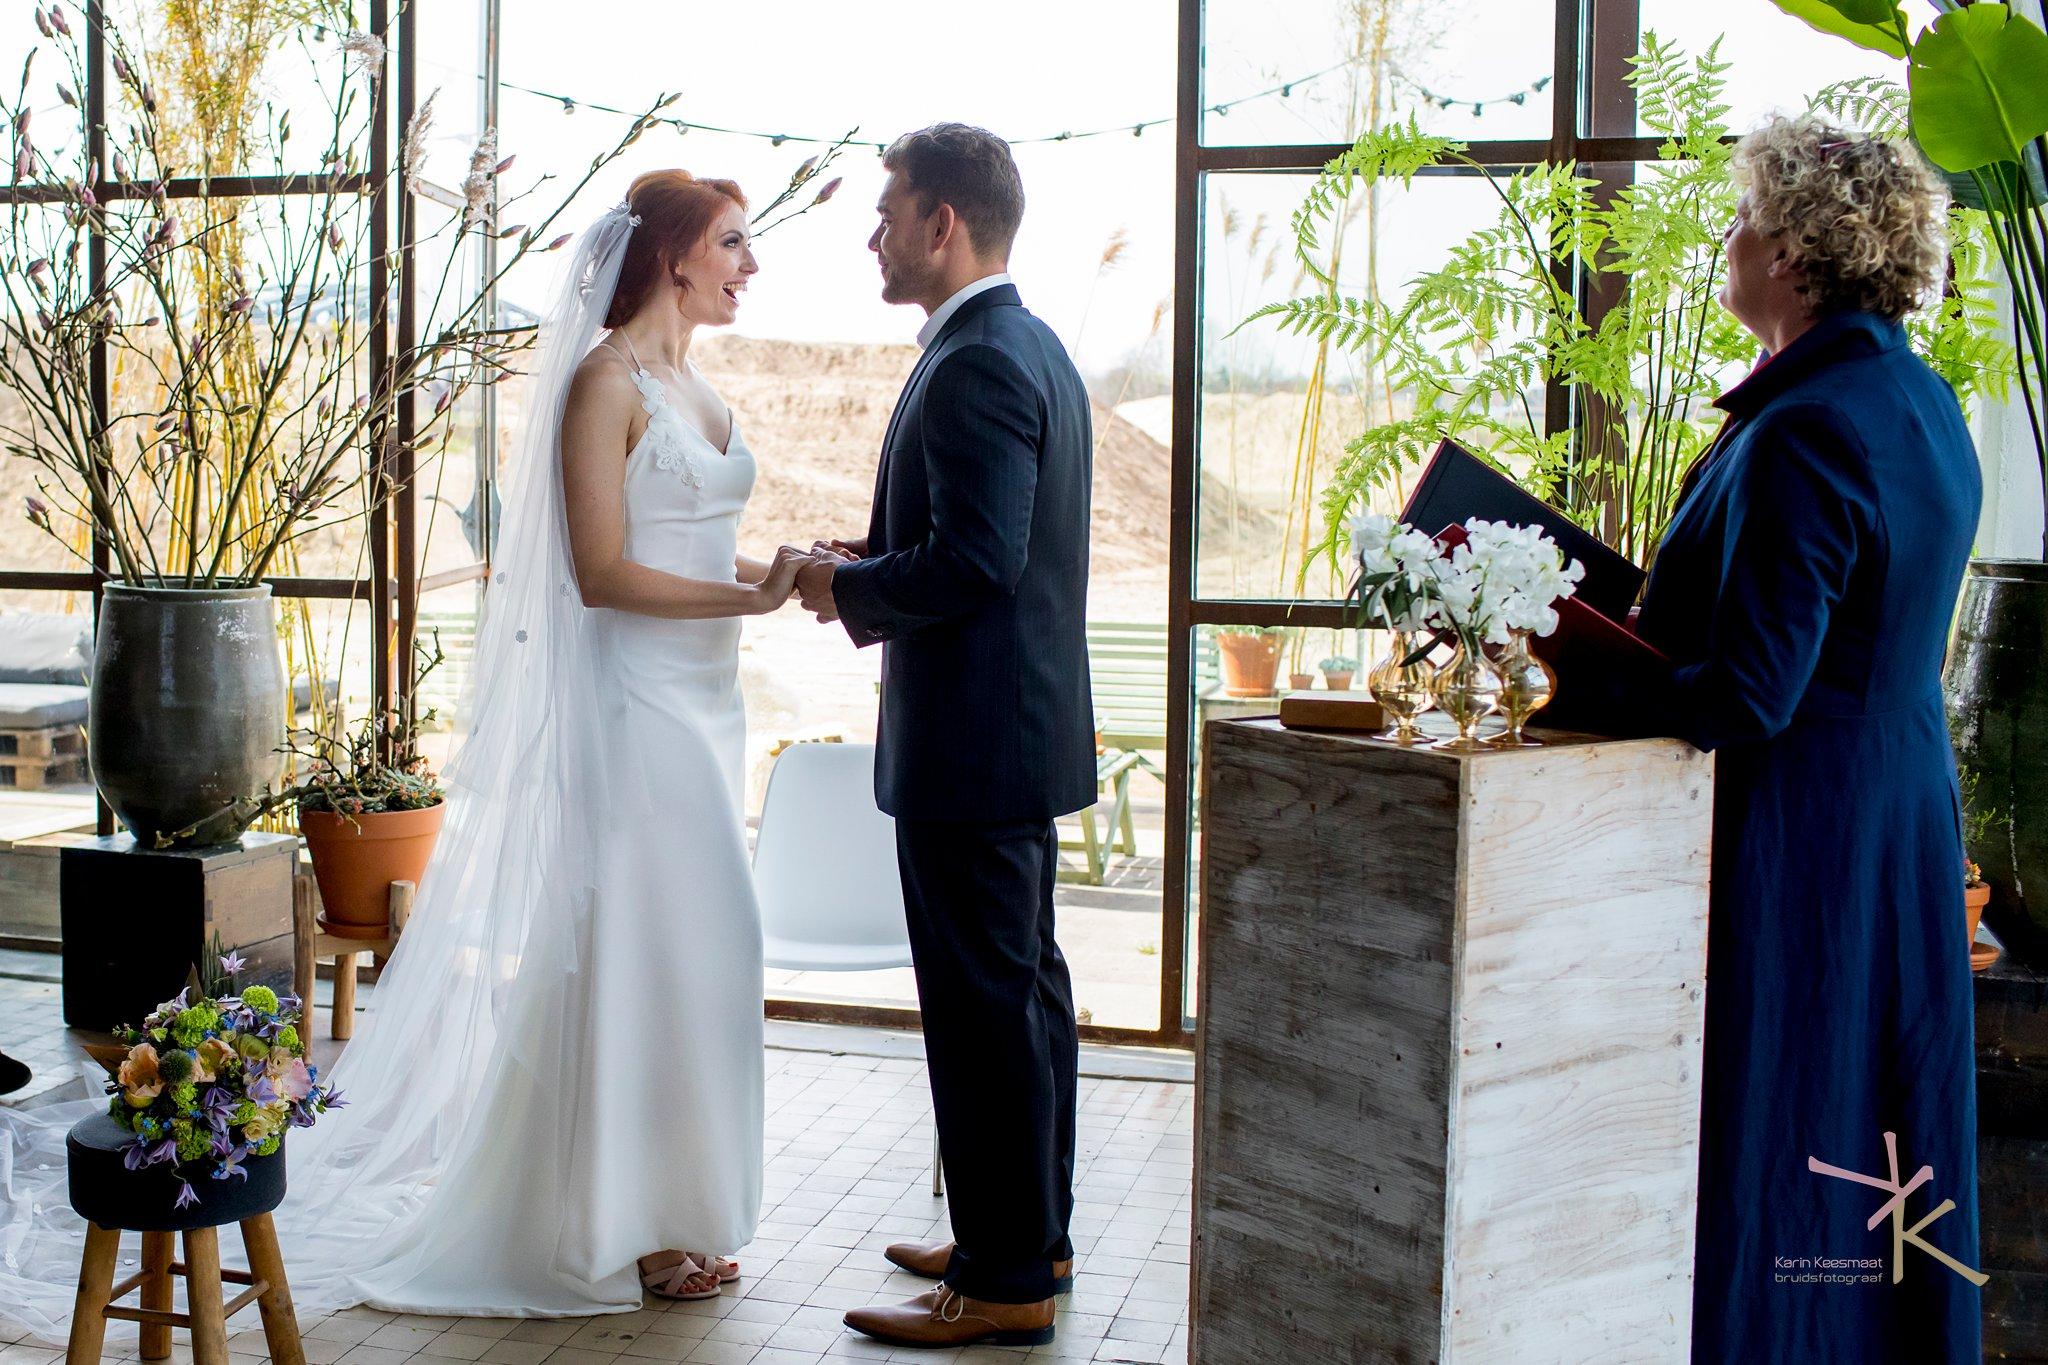 Bruid en bruidegom ja-woord foto gemaakt door Karian Keesmaat van Kijk-Kunstfotografie